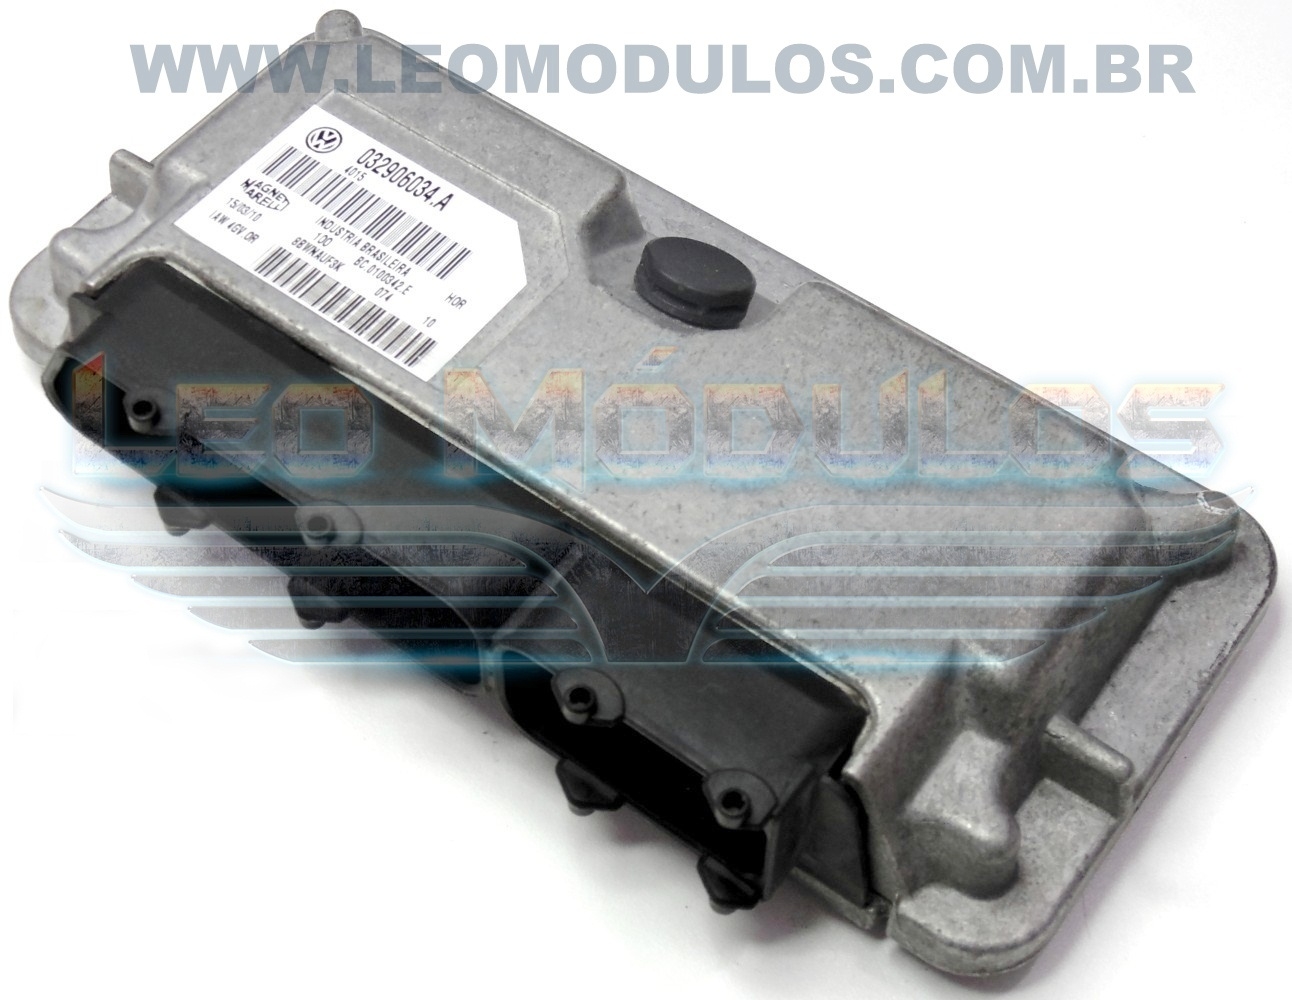 Módulo de injeção marelli - IAW 4GV.OR 030906034A - Fox 1.0 8V Flex - 030906034.A IAW 4GVFR - Leo Módulos